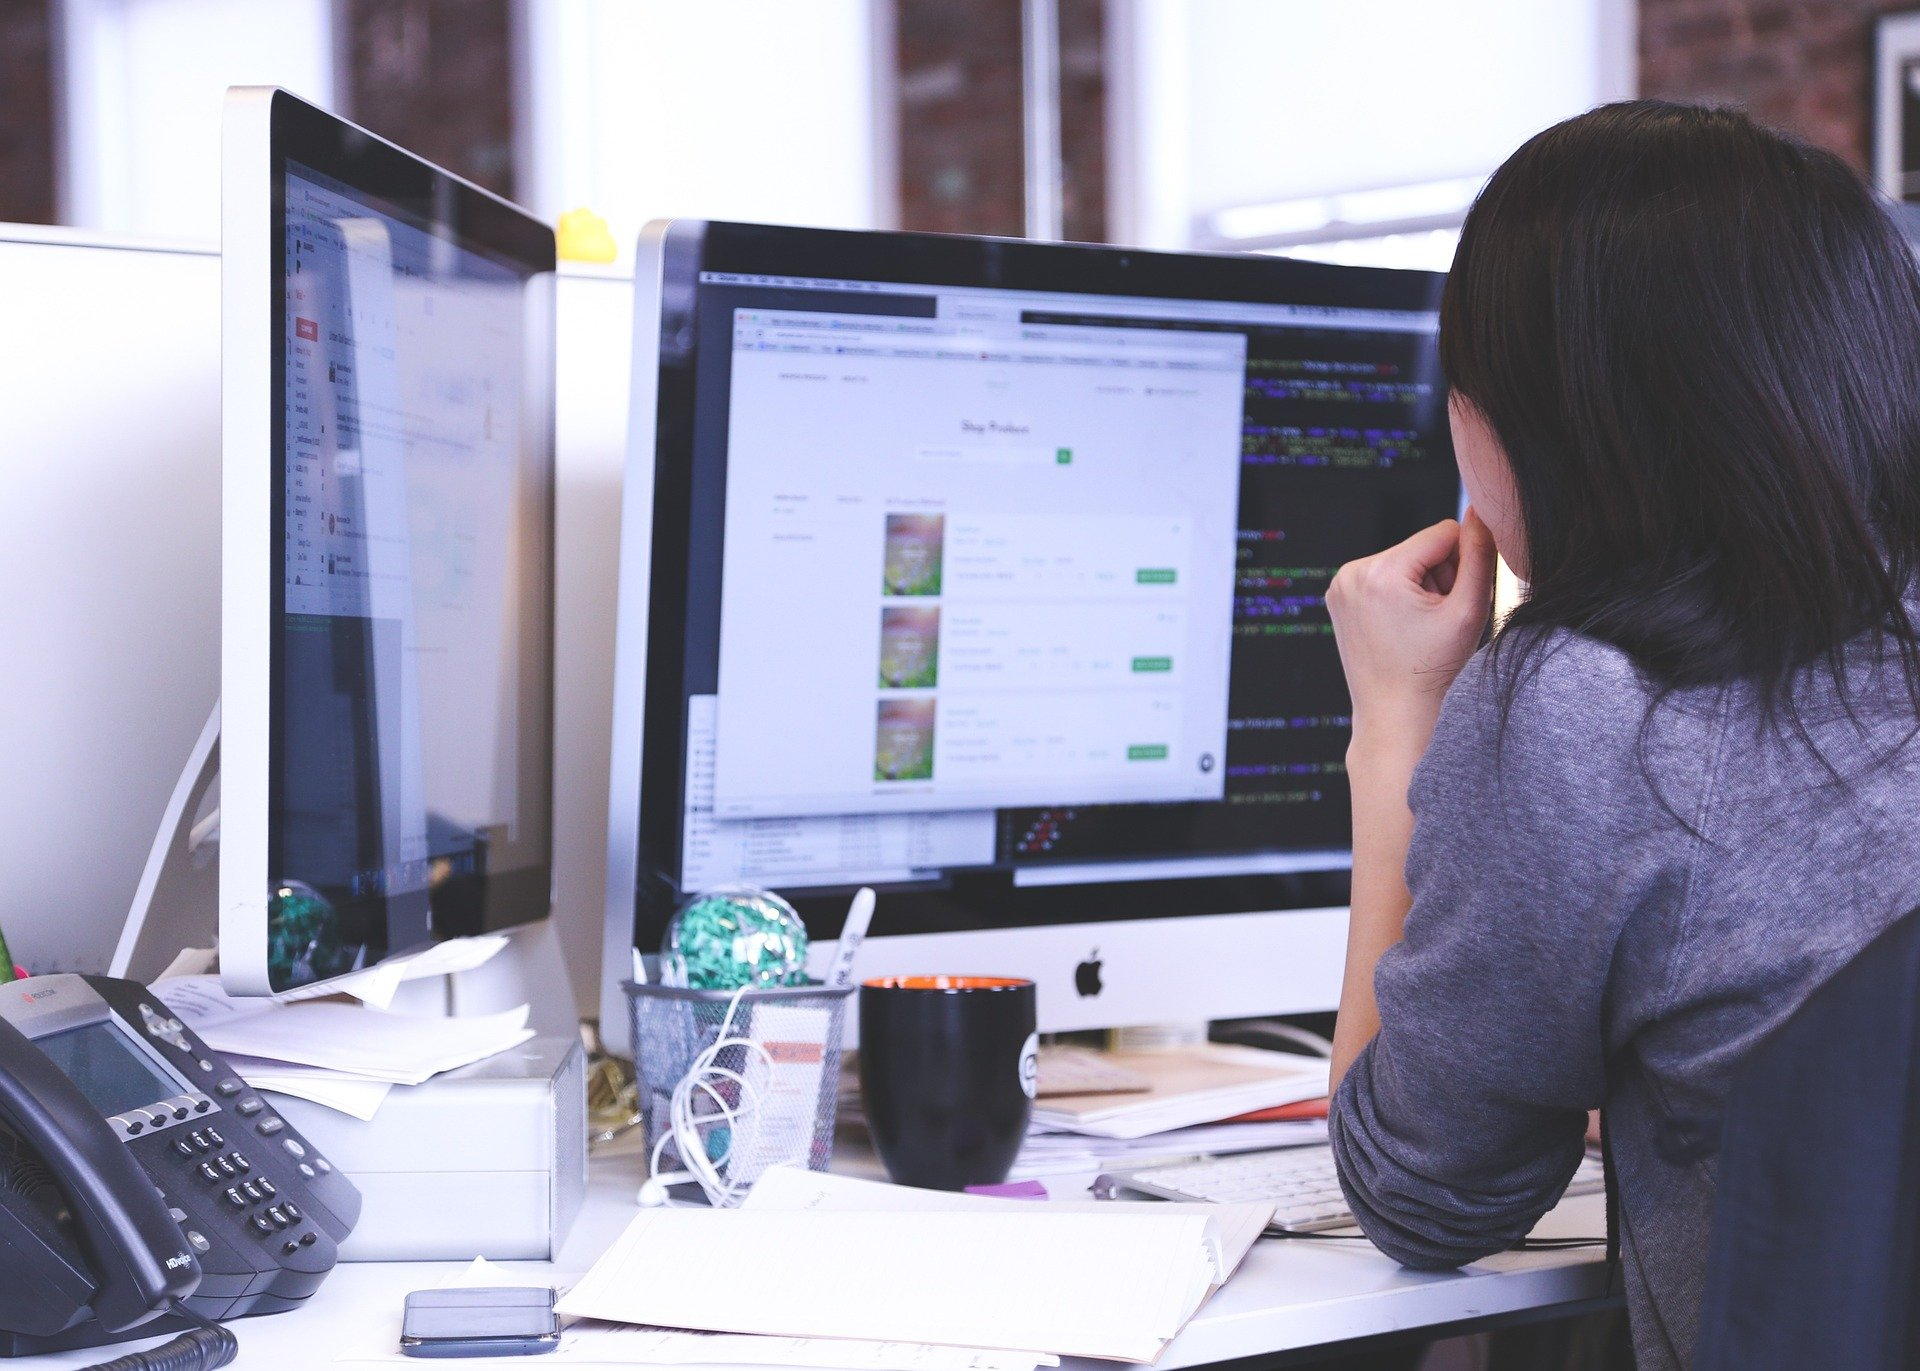 Comment bien choisir son agence web à Agen ? - Développeur de logiciels